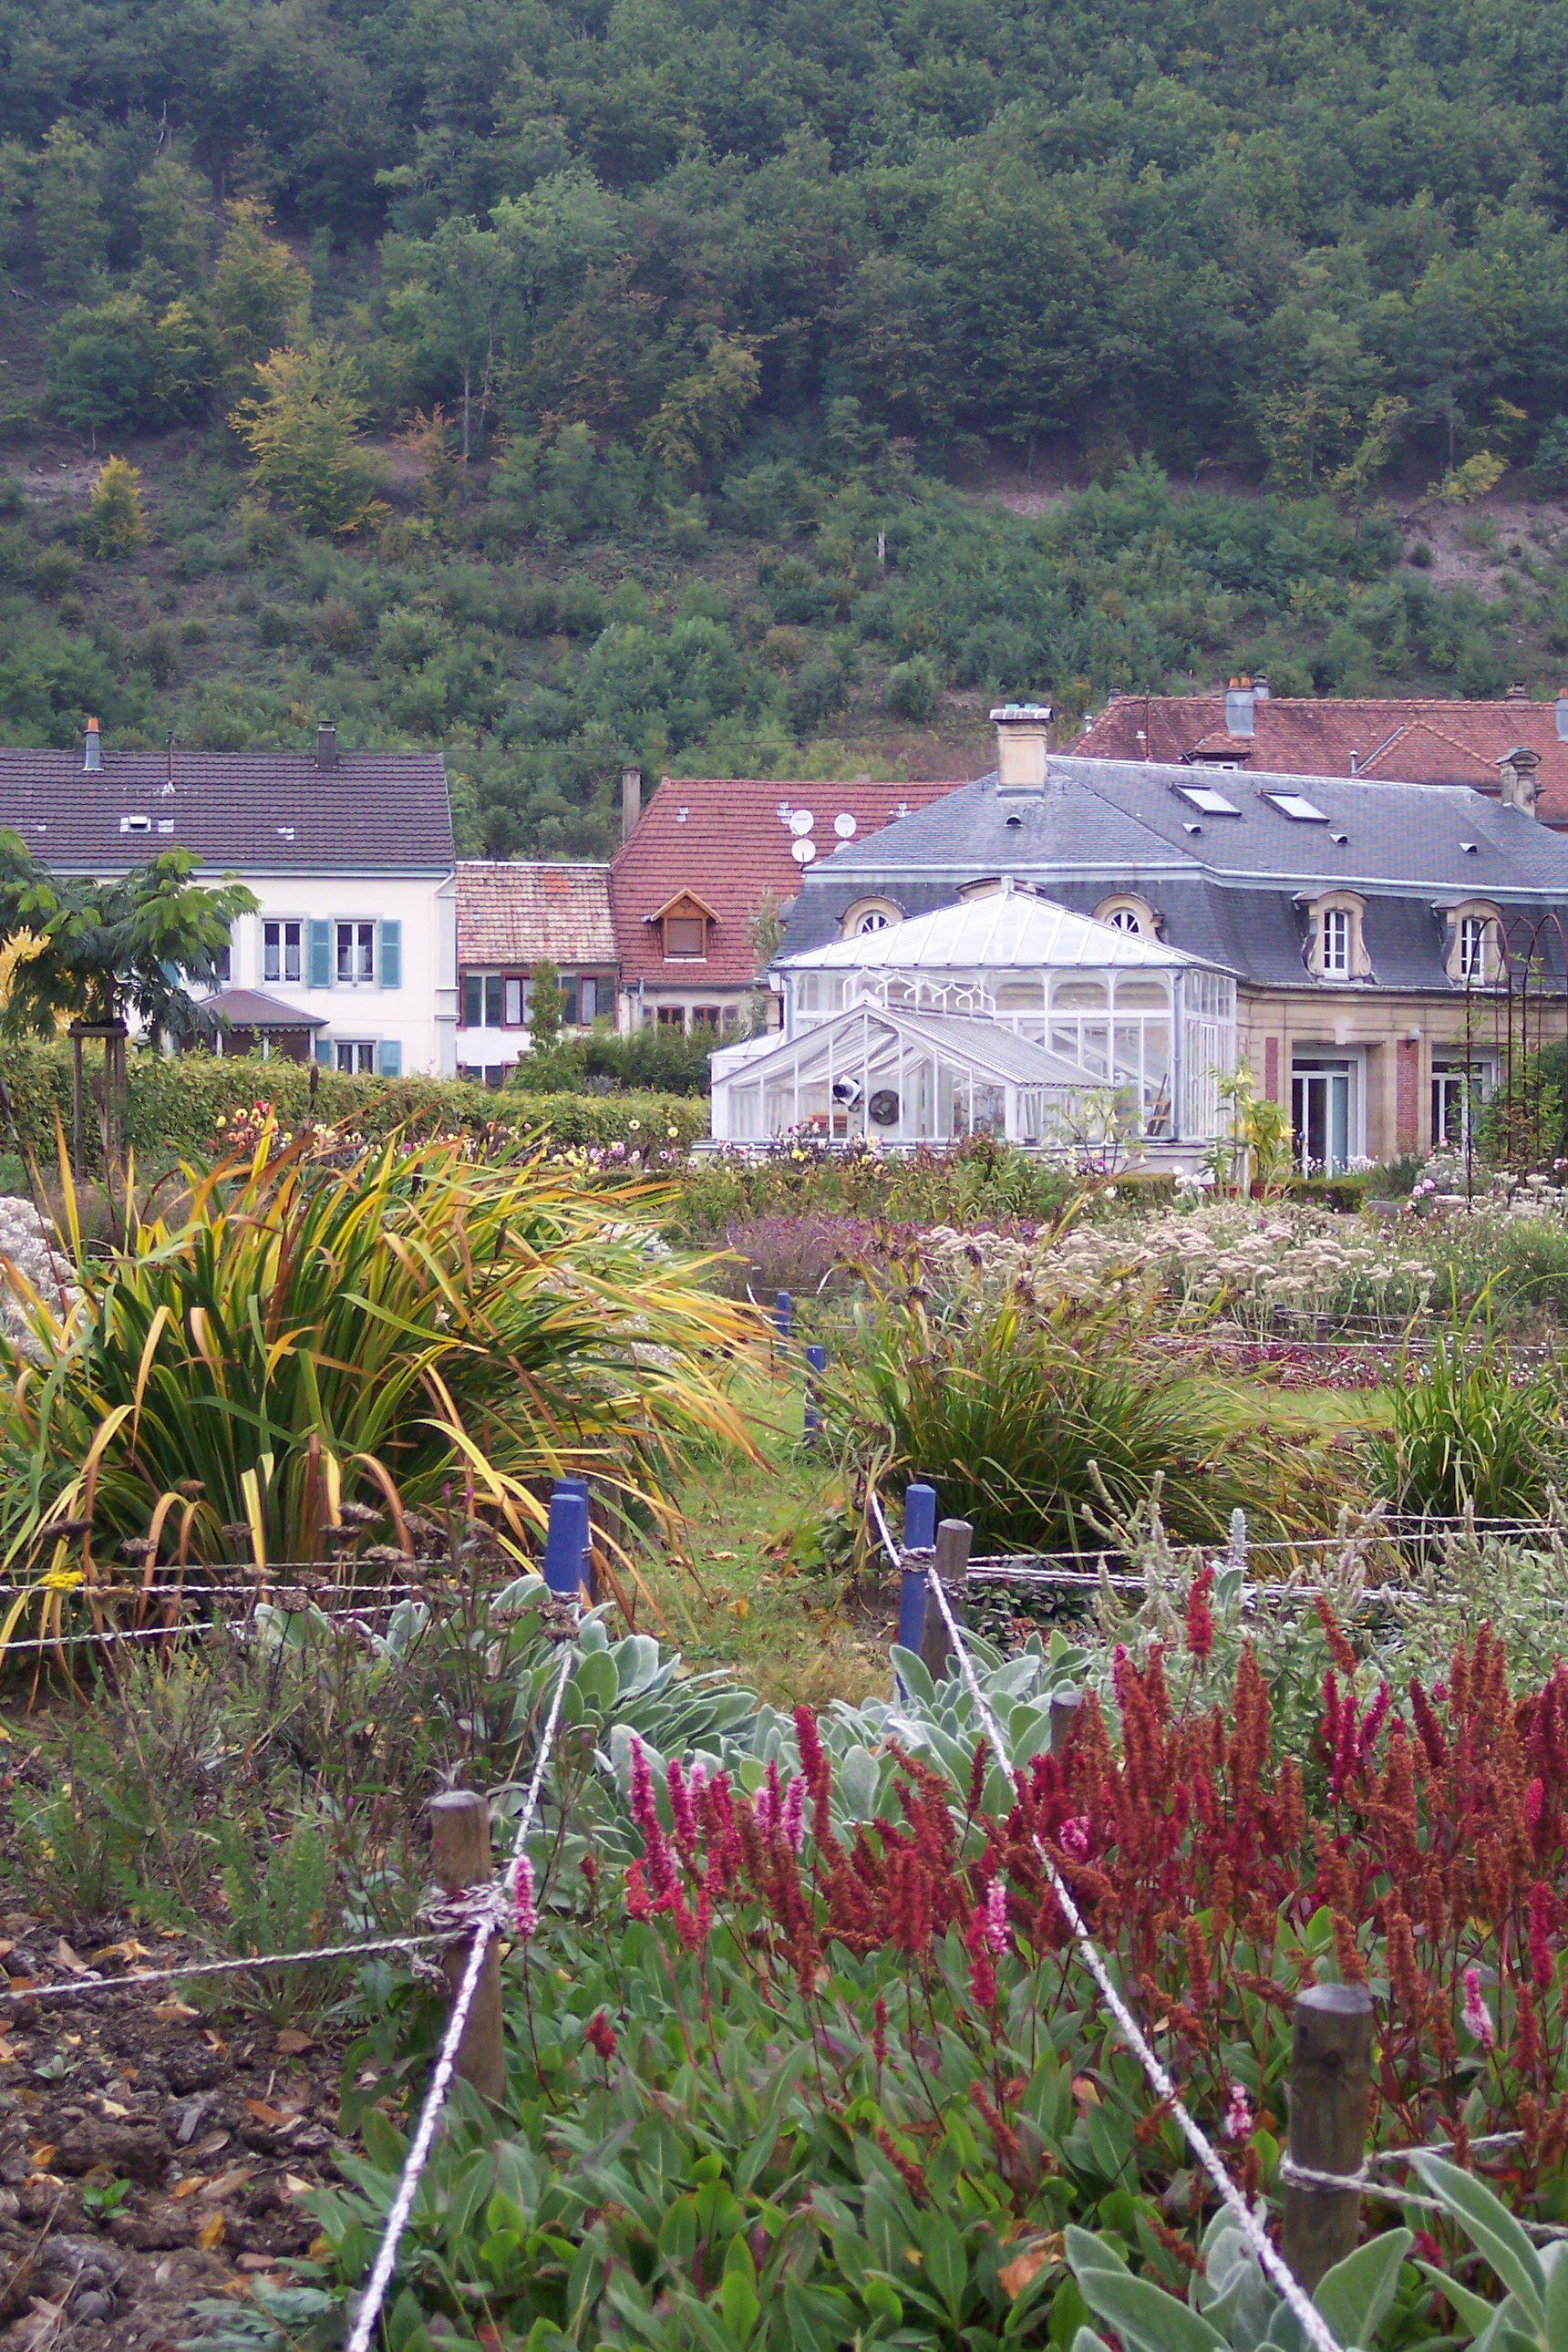 Parc de la Villa BURRUS - Les jardins - Jardin Patchwork - www.jardins-burrus.fr